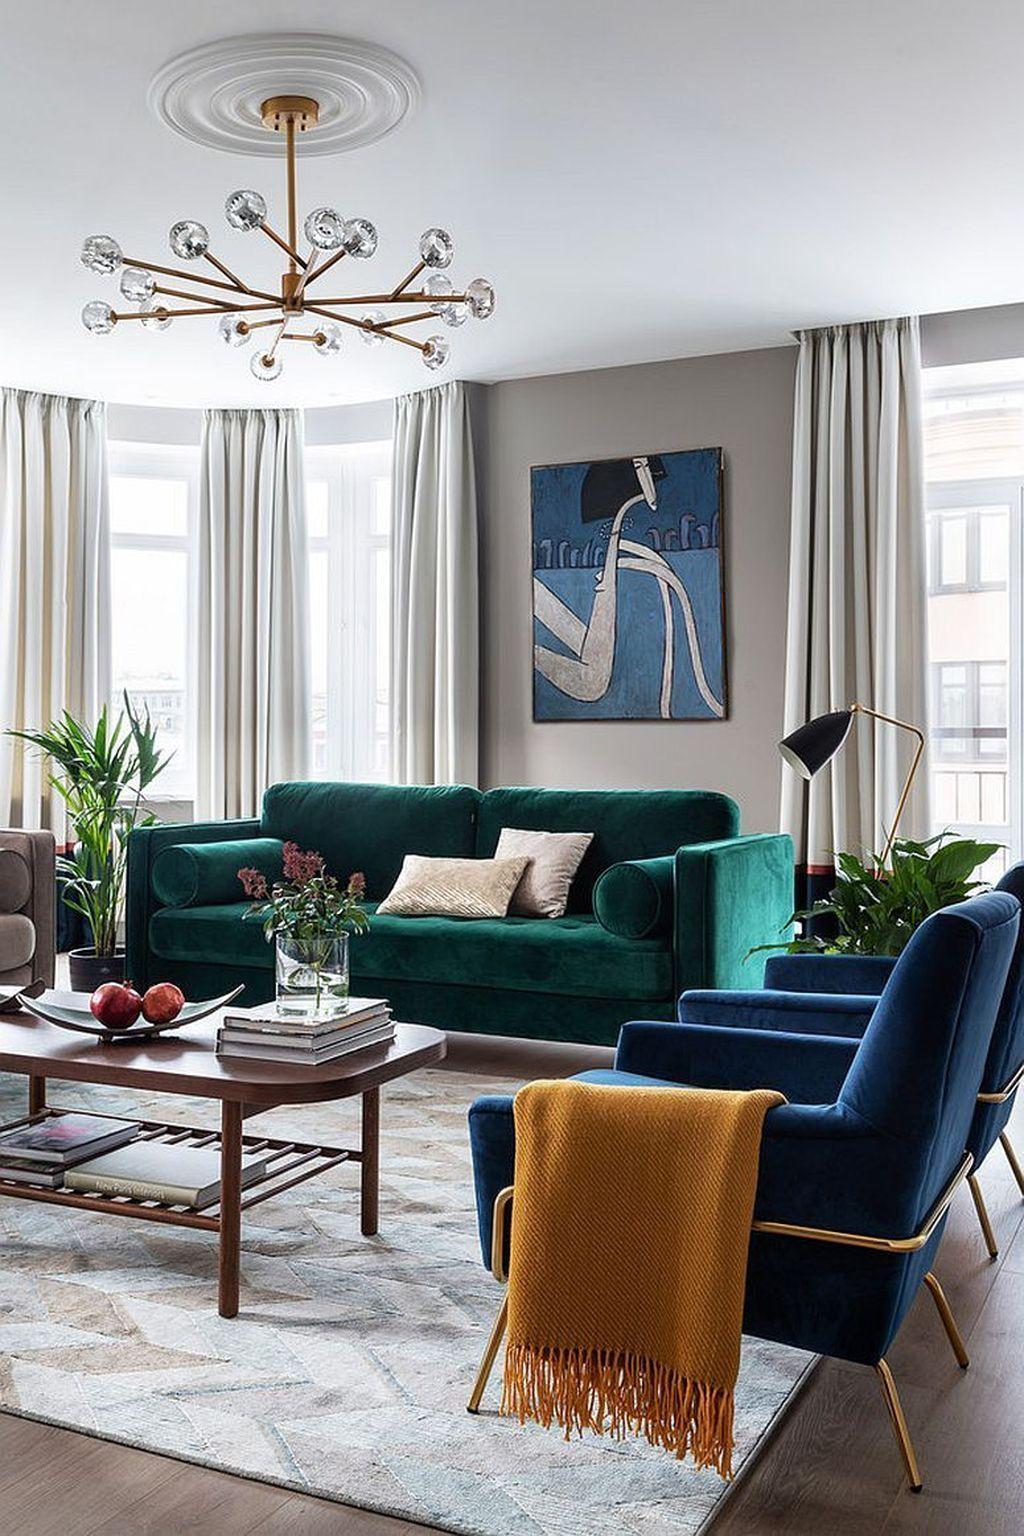 38 The Best Contemporary Living Room Decor Ideas Contempo